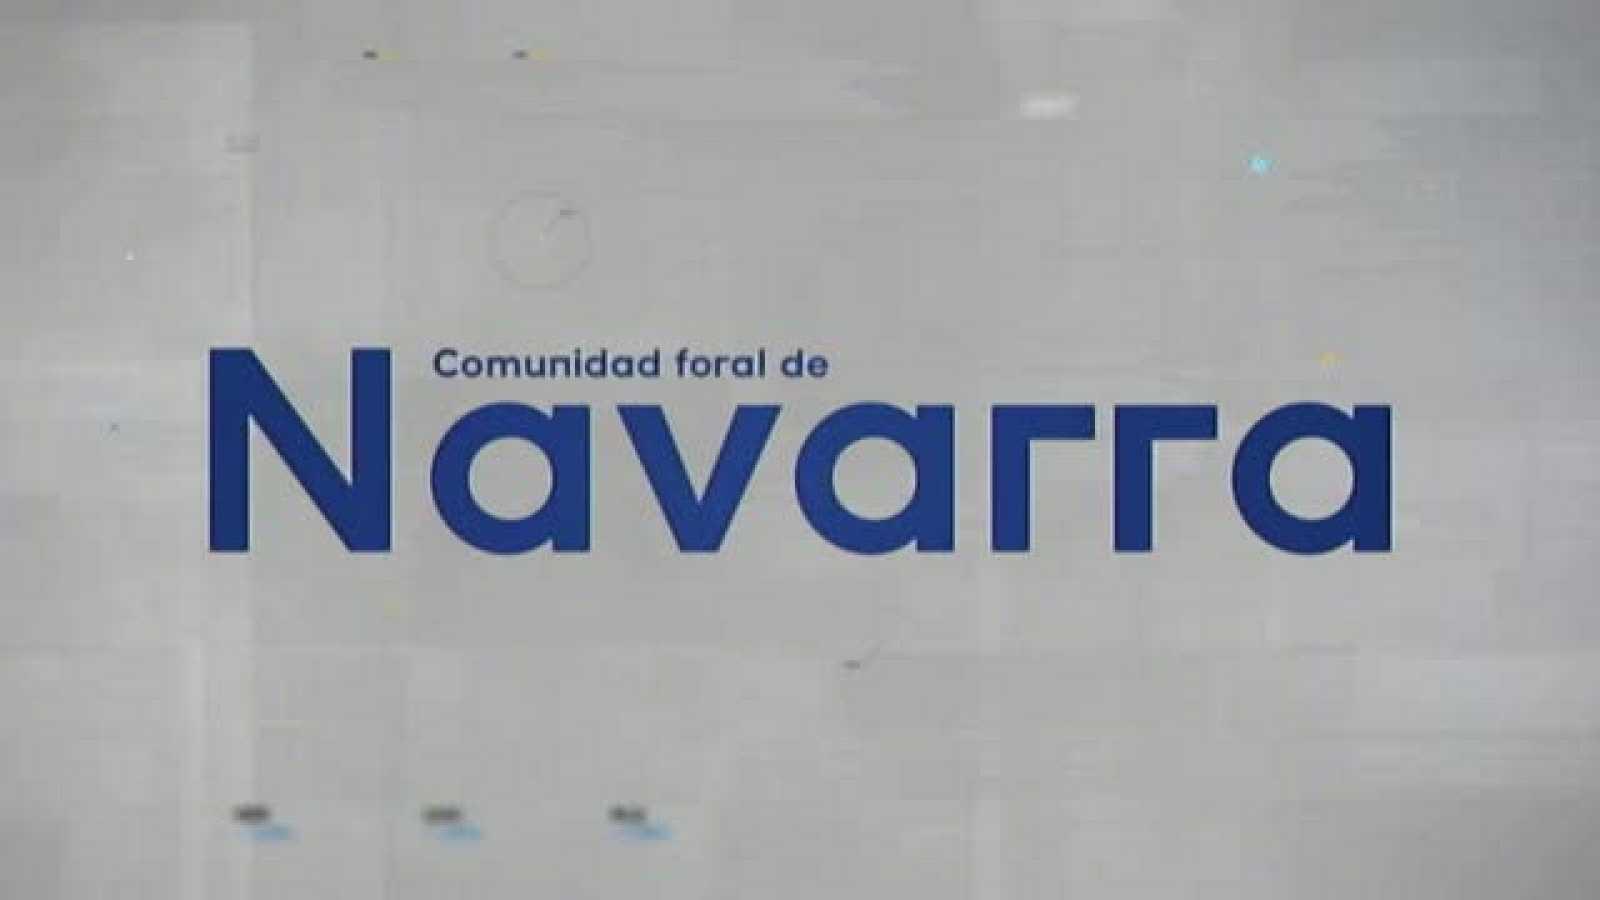 Telenavarra -  14/5/2021